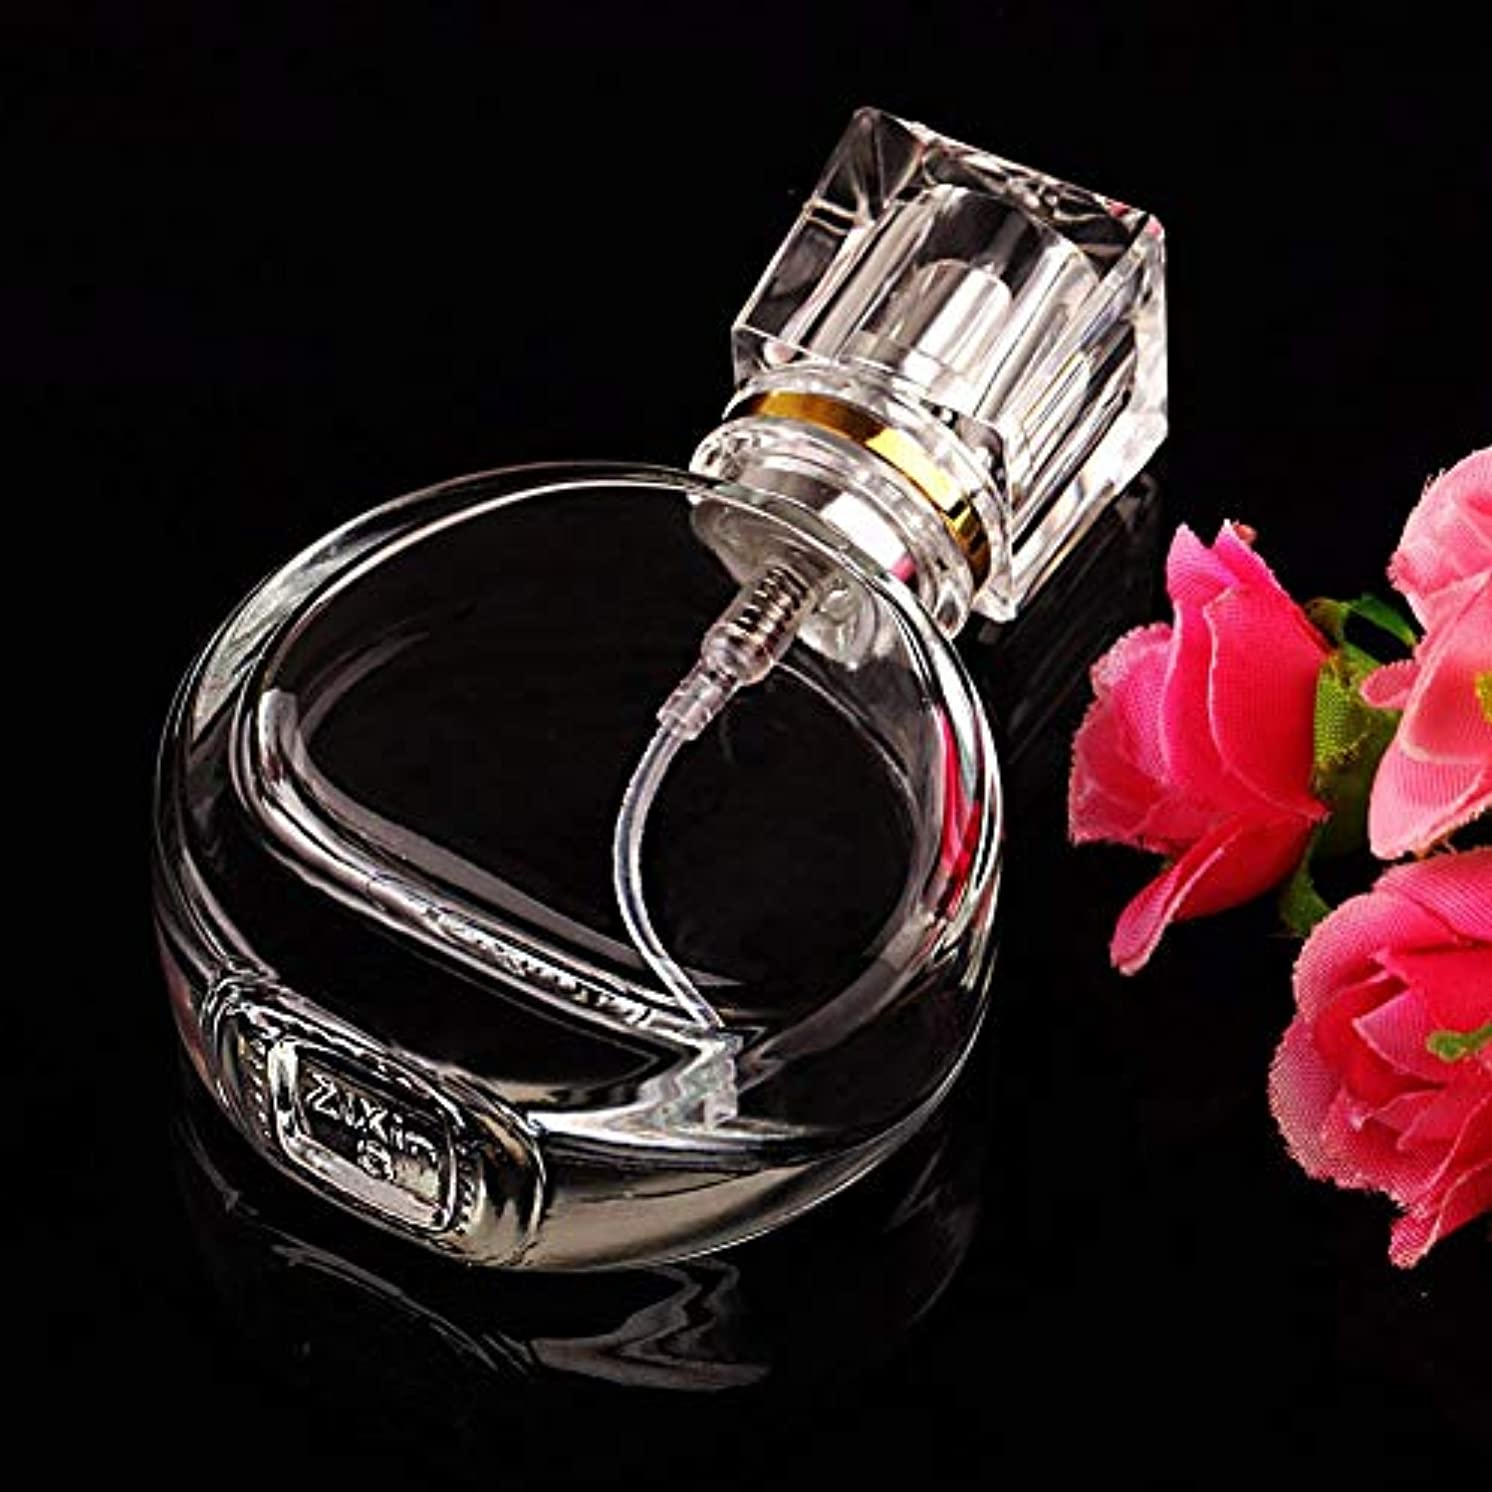 絶壁香水思われるVERY100 高品質ガラスボトル 香水瓶  アトマイザー  25ML 透明 シンプルデザイン ホーム飾り 装飾雑貨